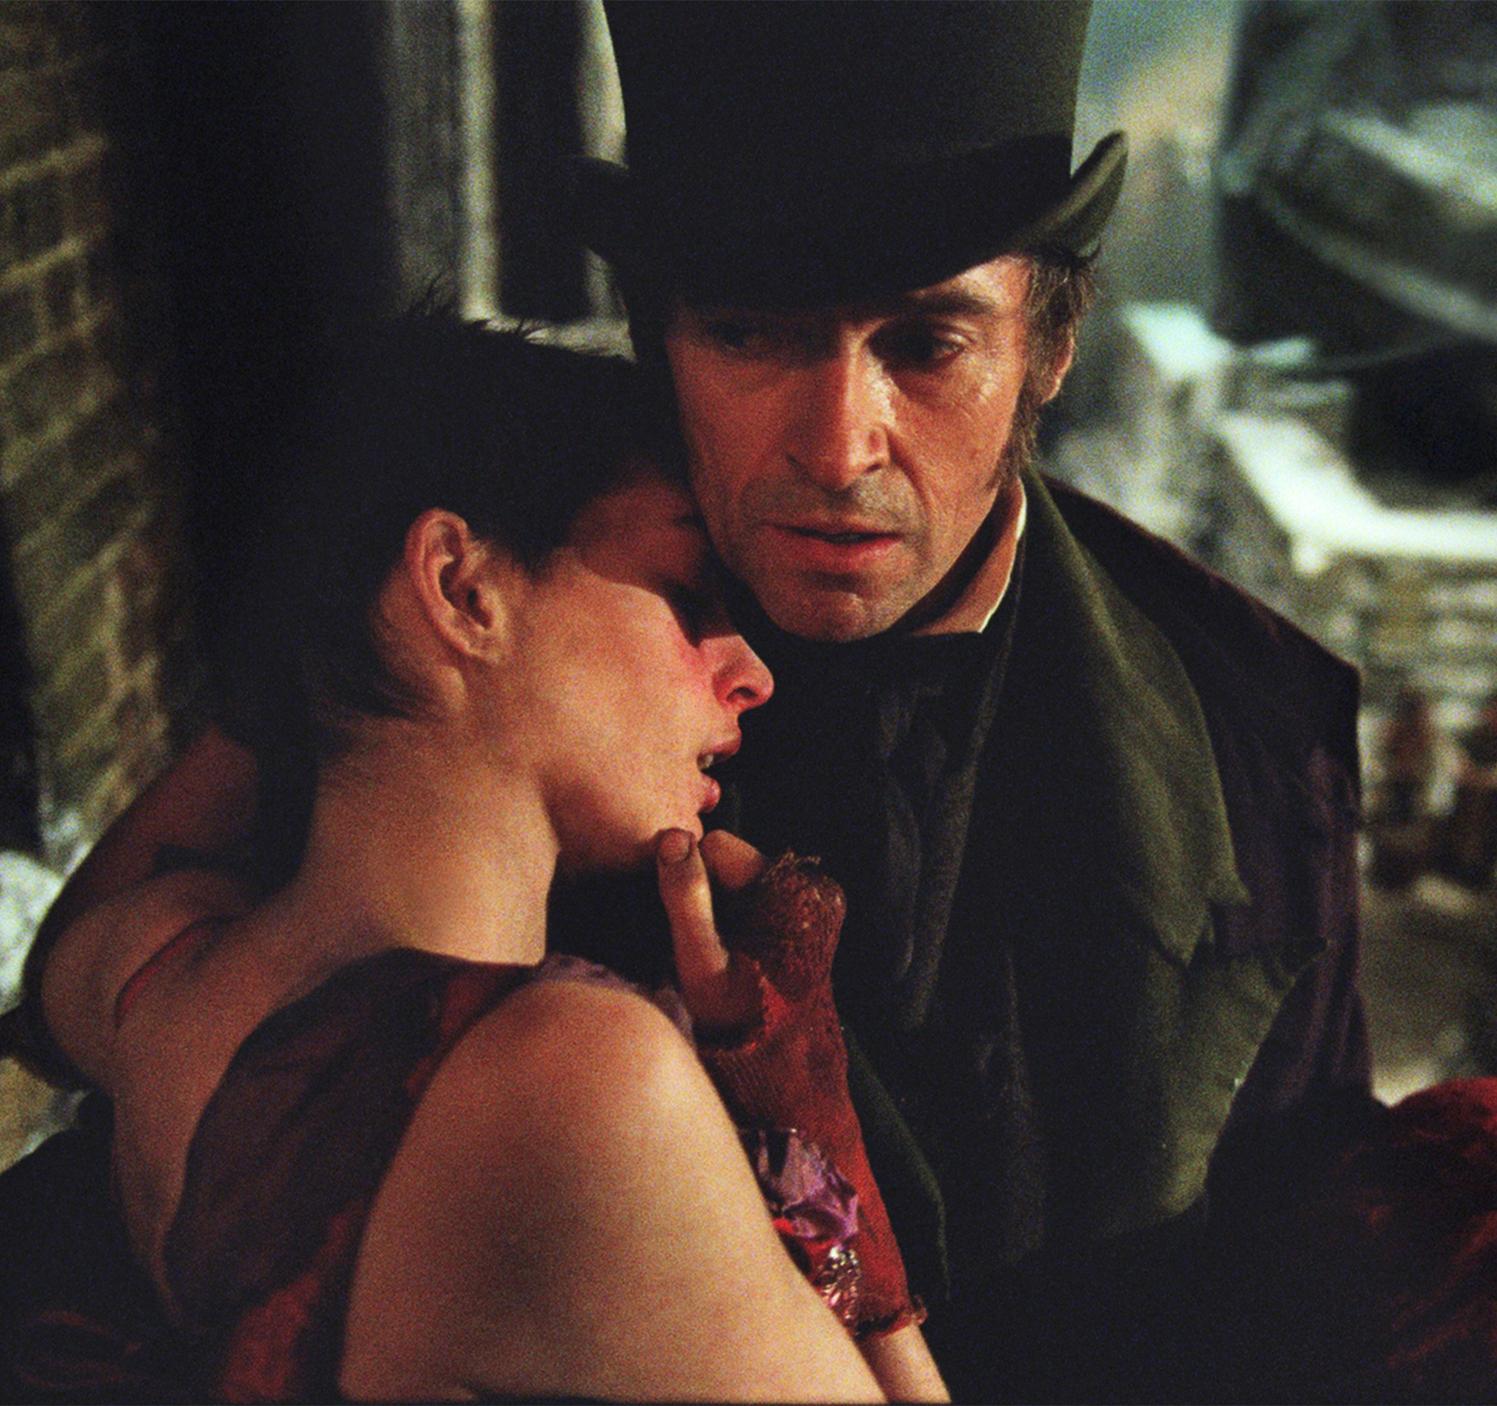 http://4.bp.blogspot.com/-wTvl2r0wVHw/UP1sijXxLnI/AAAAAAAAAvI/VULJoN3N5Bc/s1600/Les+Miserables+Hugh+Jackman+Anne+Hathaway+Tom+Hooper+Jean+Valjean+Fantine.jpg